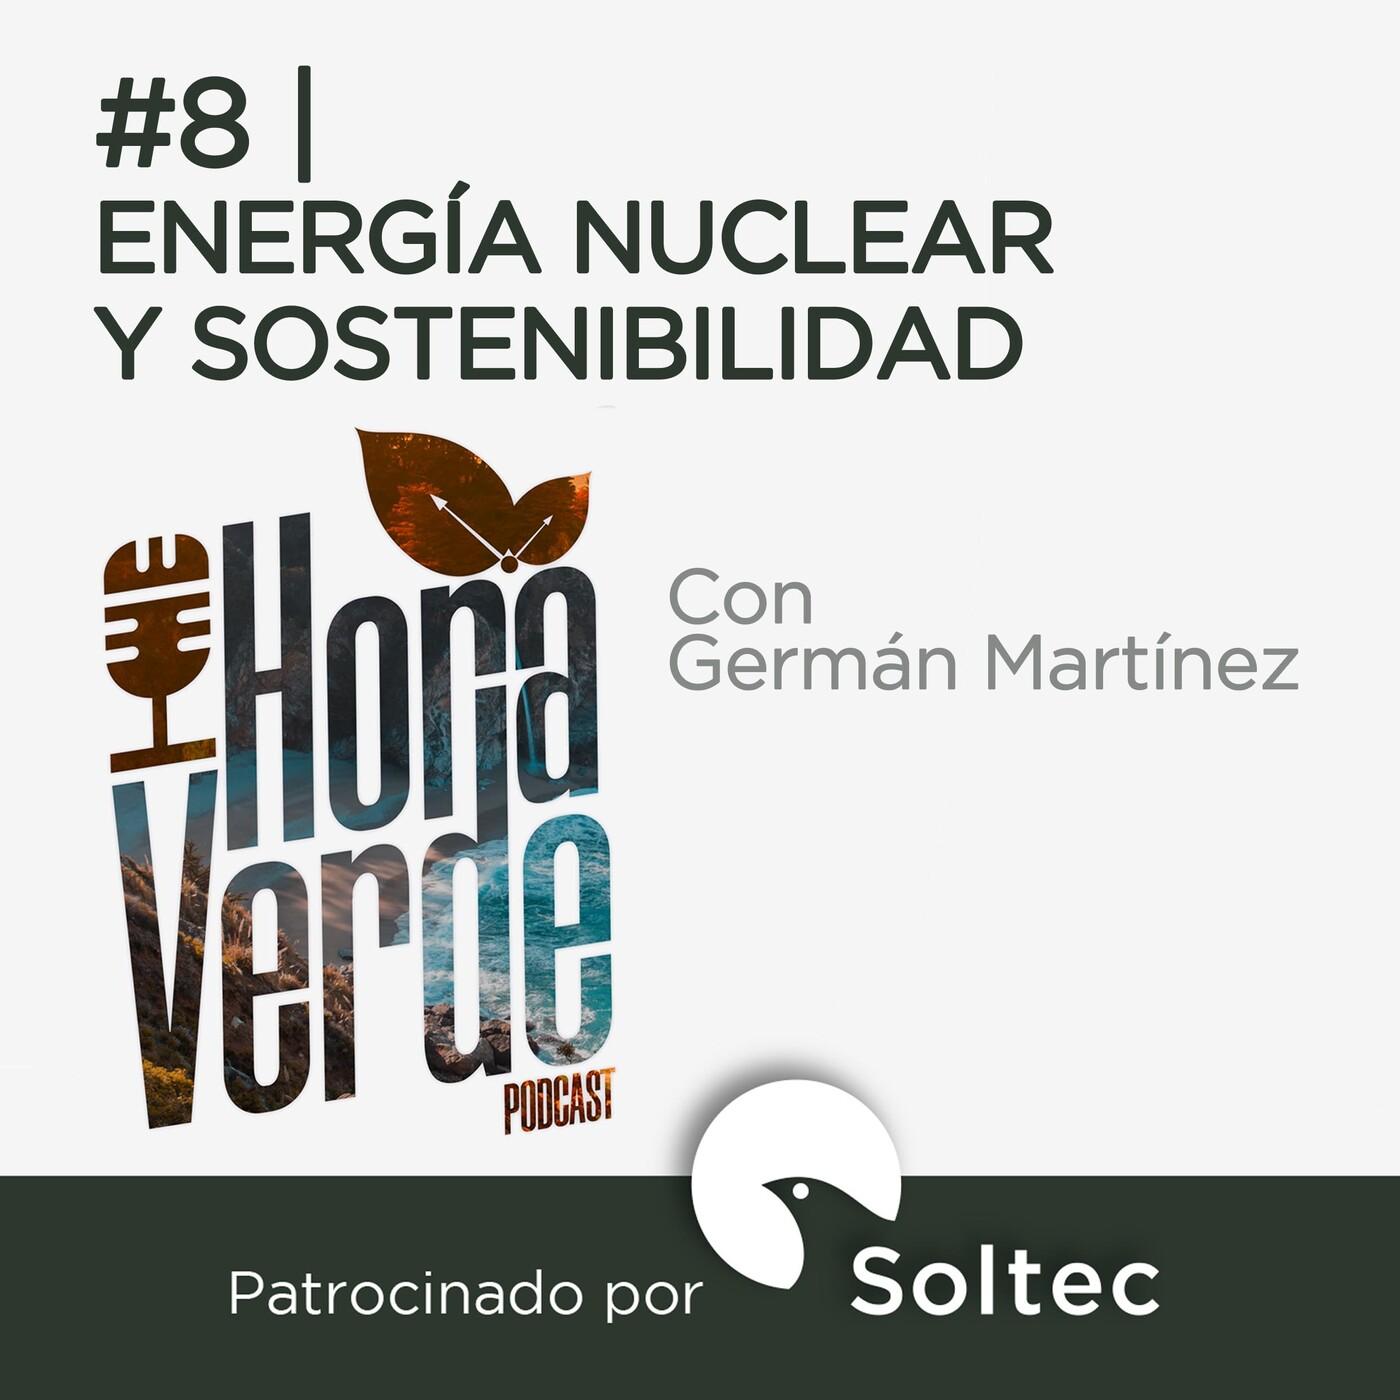 #8 | Energía nuclear y sostenibilidad | Hora Verde | 23/7/2020